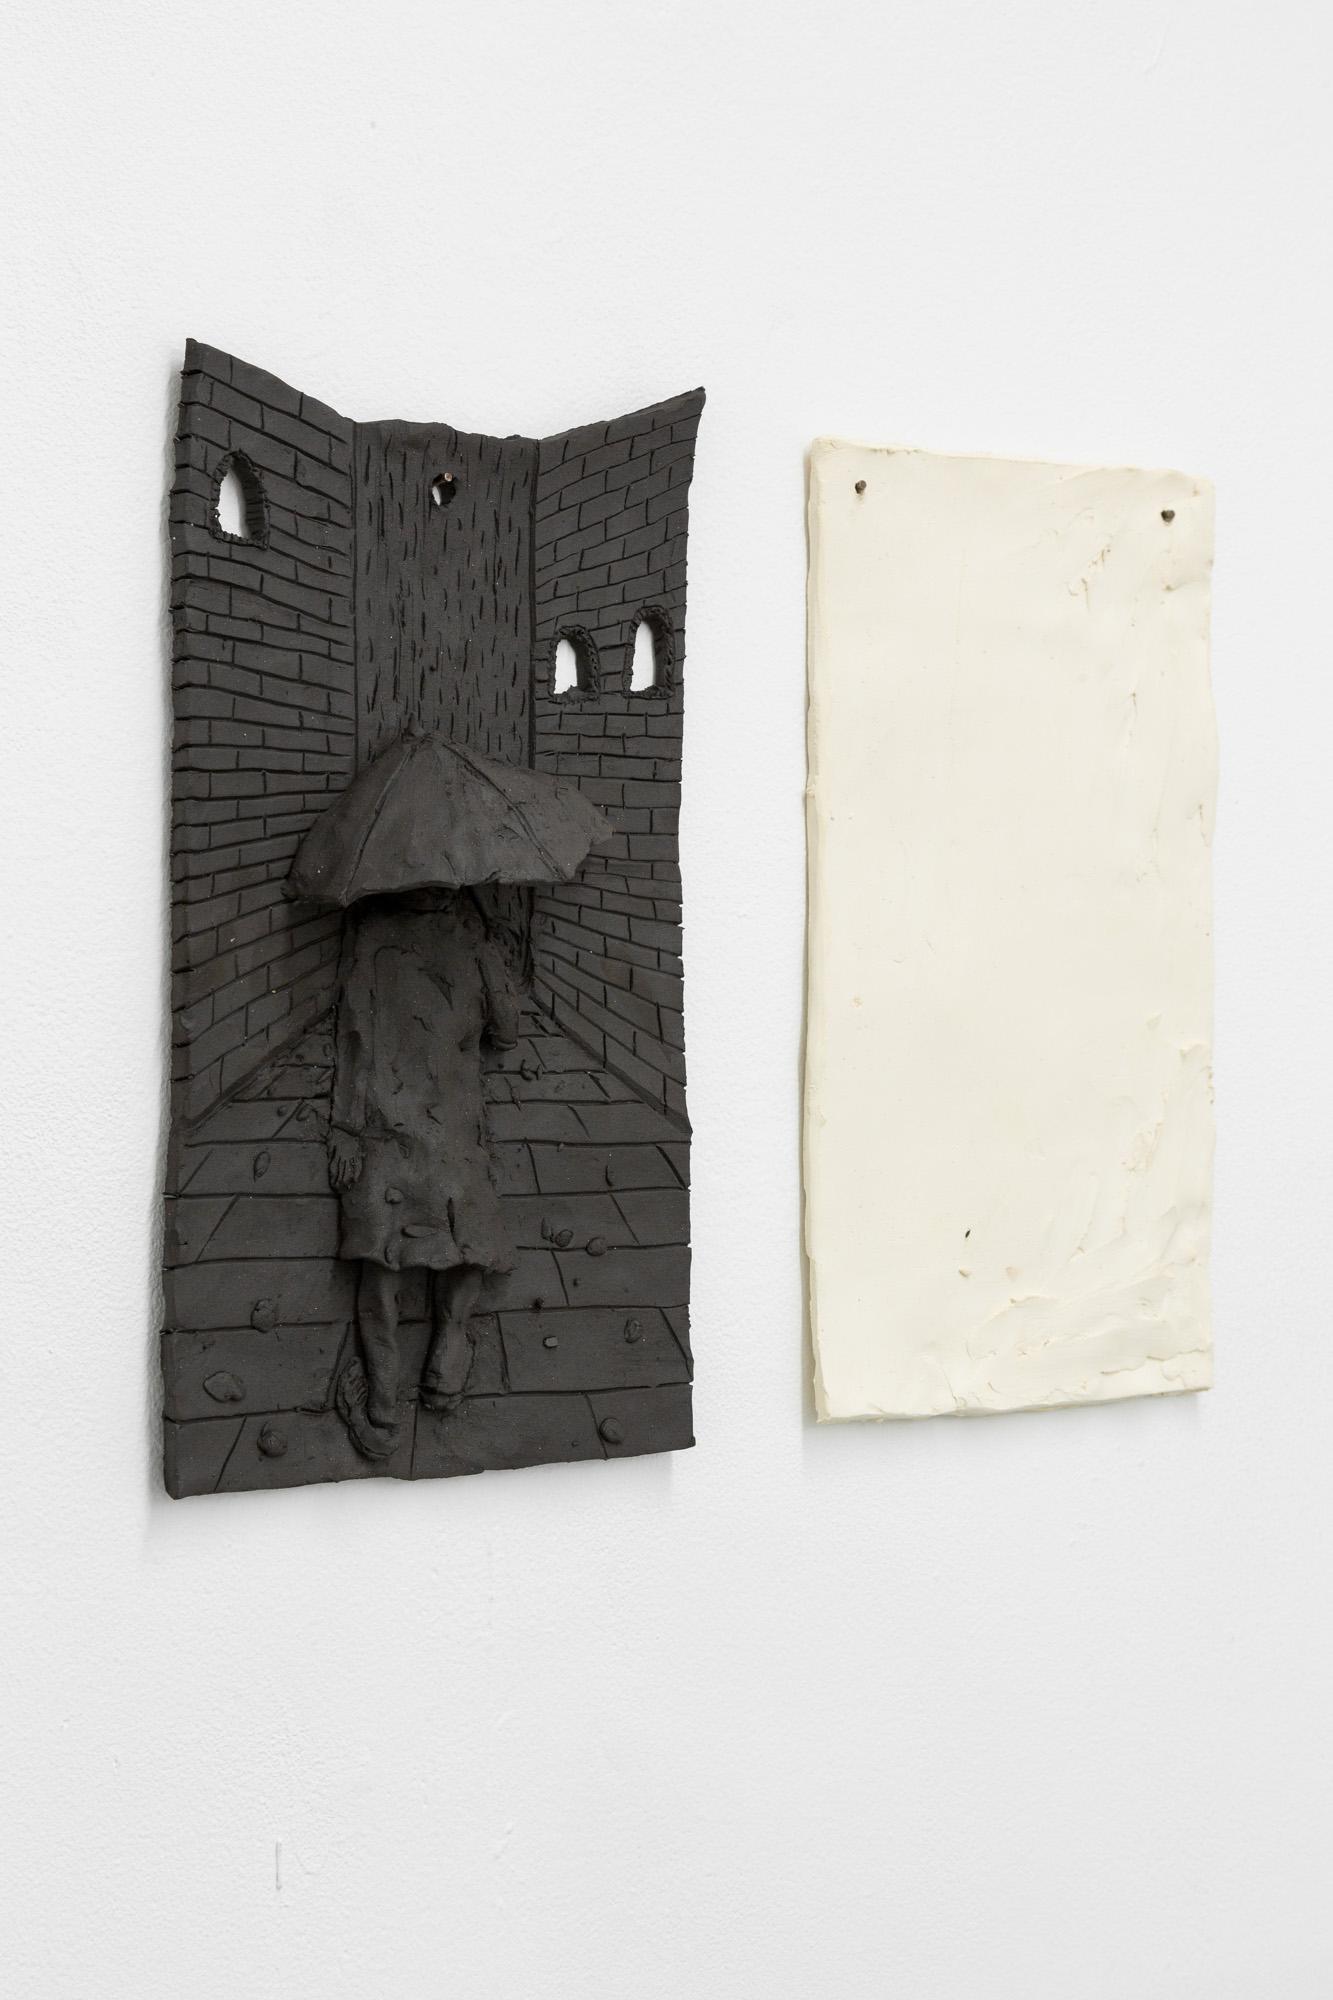 Tom Forkin, 3 (detail),  2017,unglazed ceramic,12 x 15 x 2.5 in